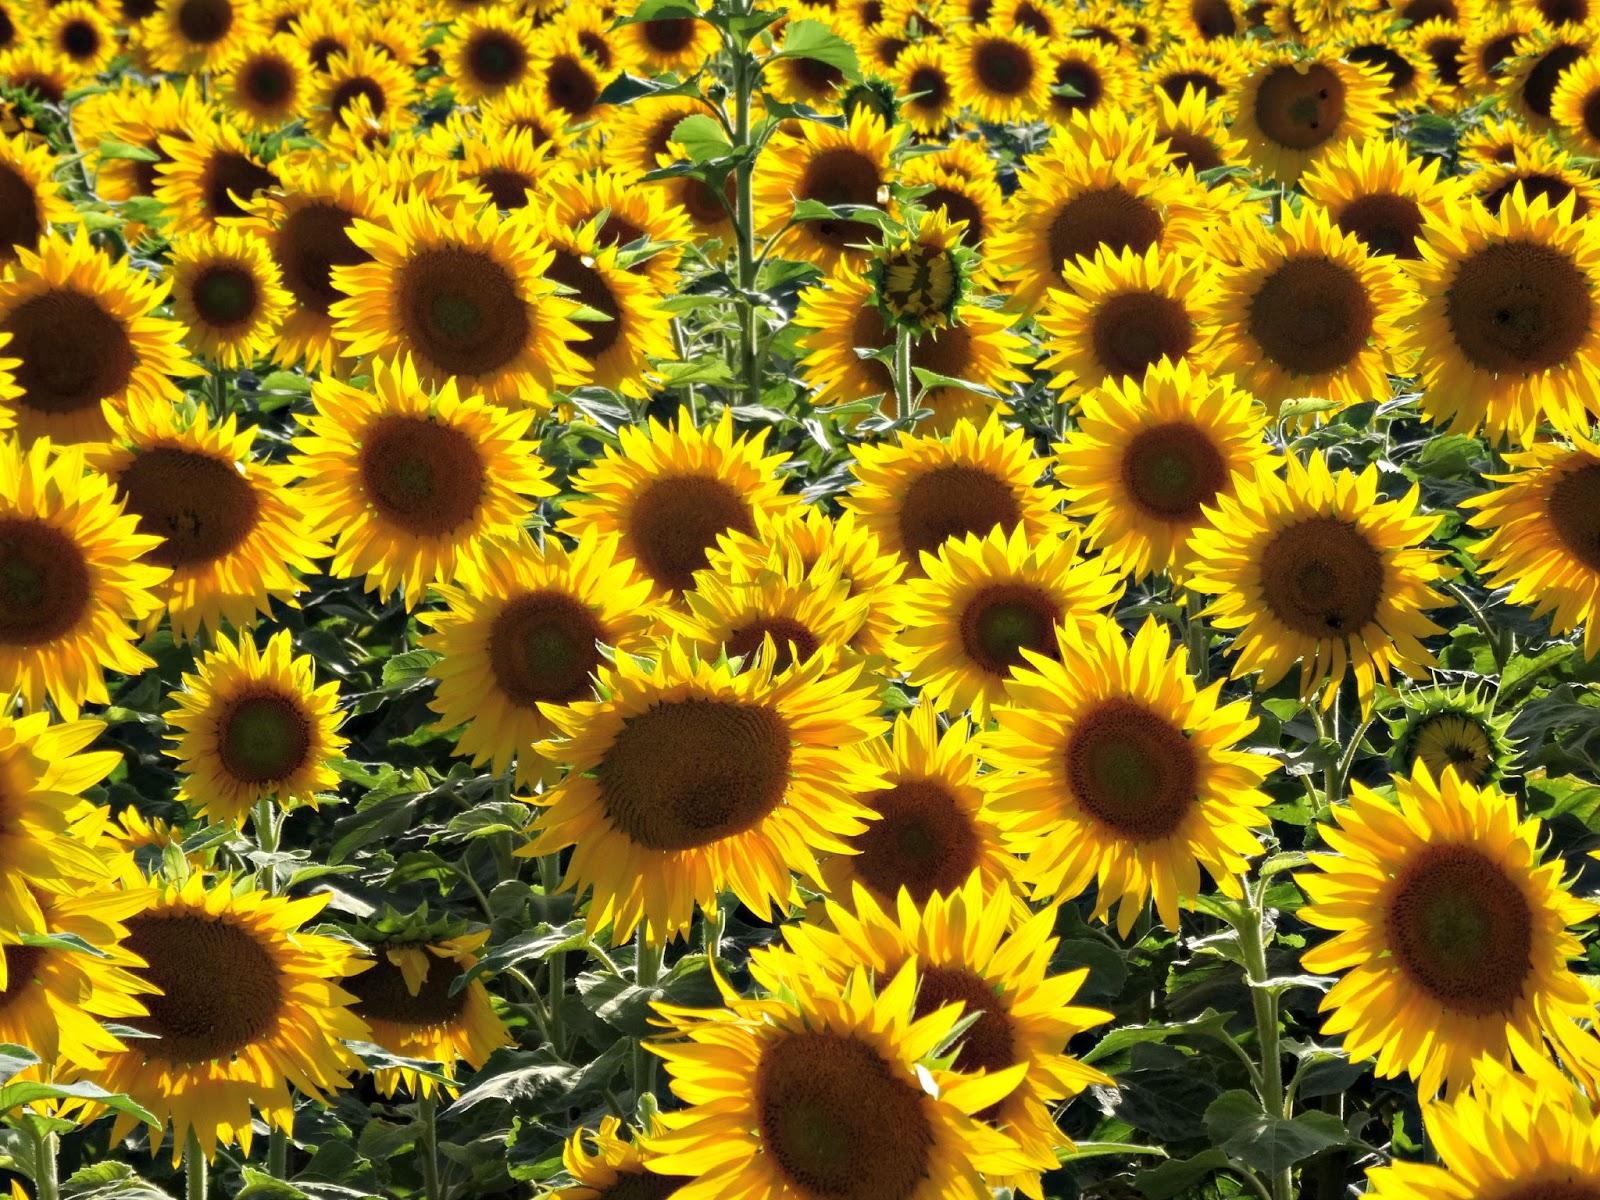 sunflower field in bloom Germany